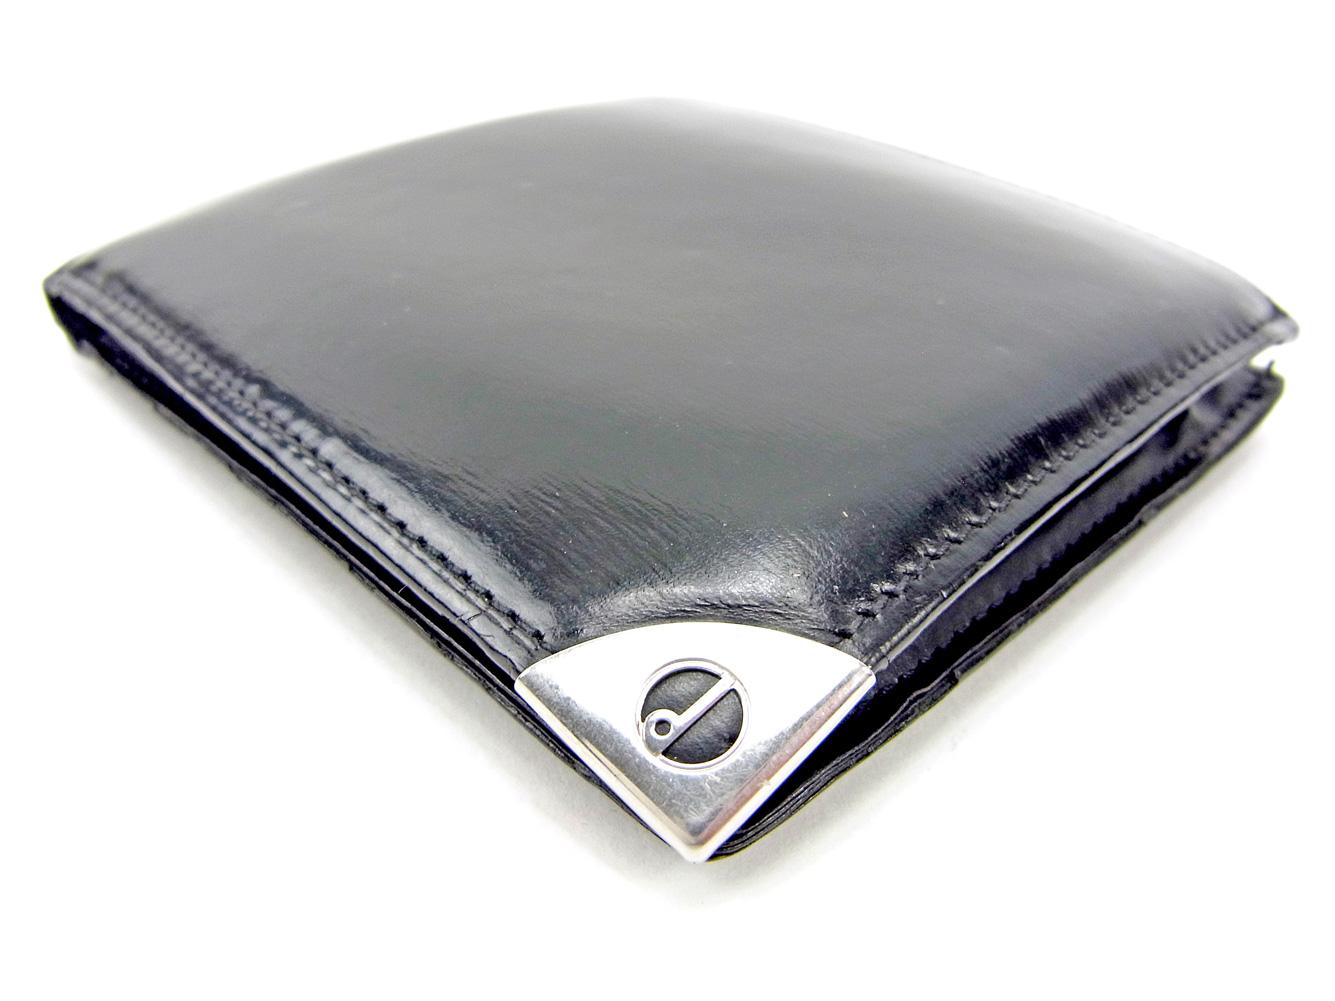 258a500a4c51 メンズ レディース 財布 財布 二つ折り dunhill ダンヒル 【中古】 ブラック G1403 セール 人気 レザー-その他